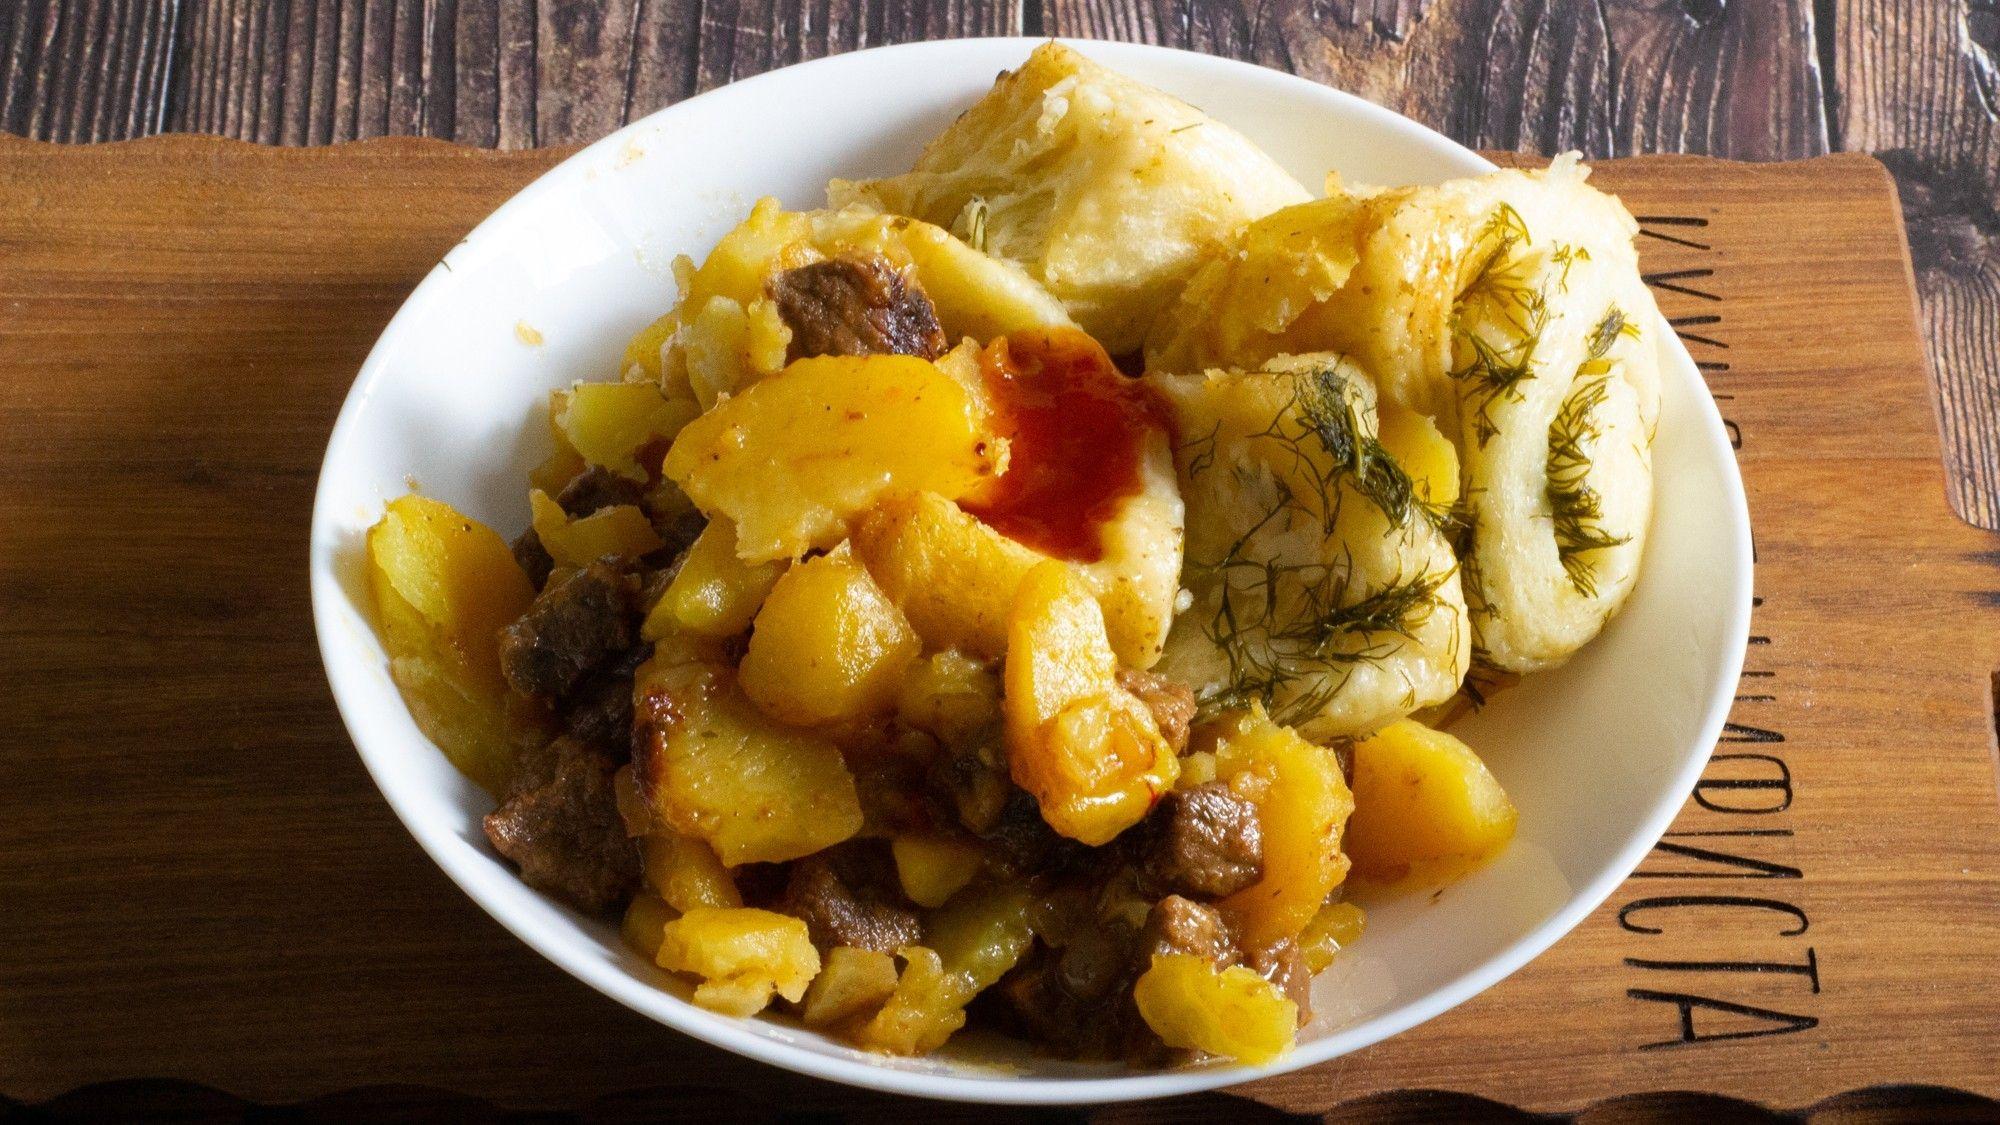 Кулинарный блогер Максим Гринкевич делится рецептом сытного блюда изнемецкой кухни.